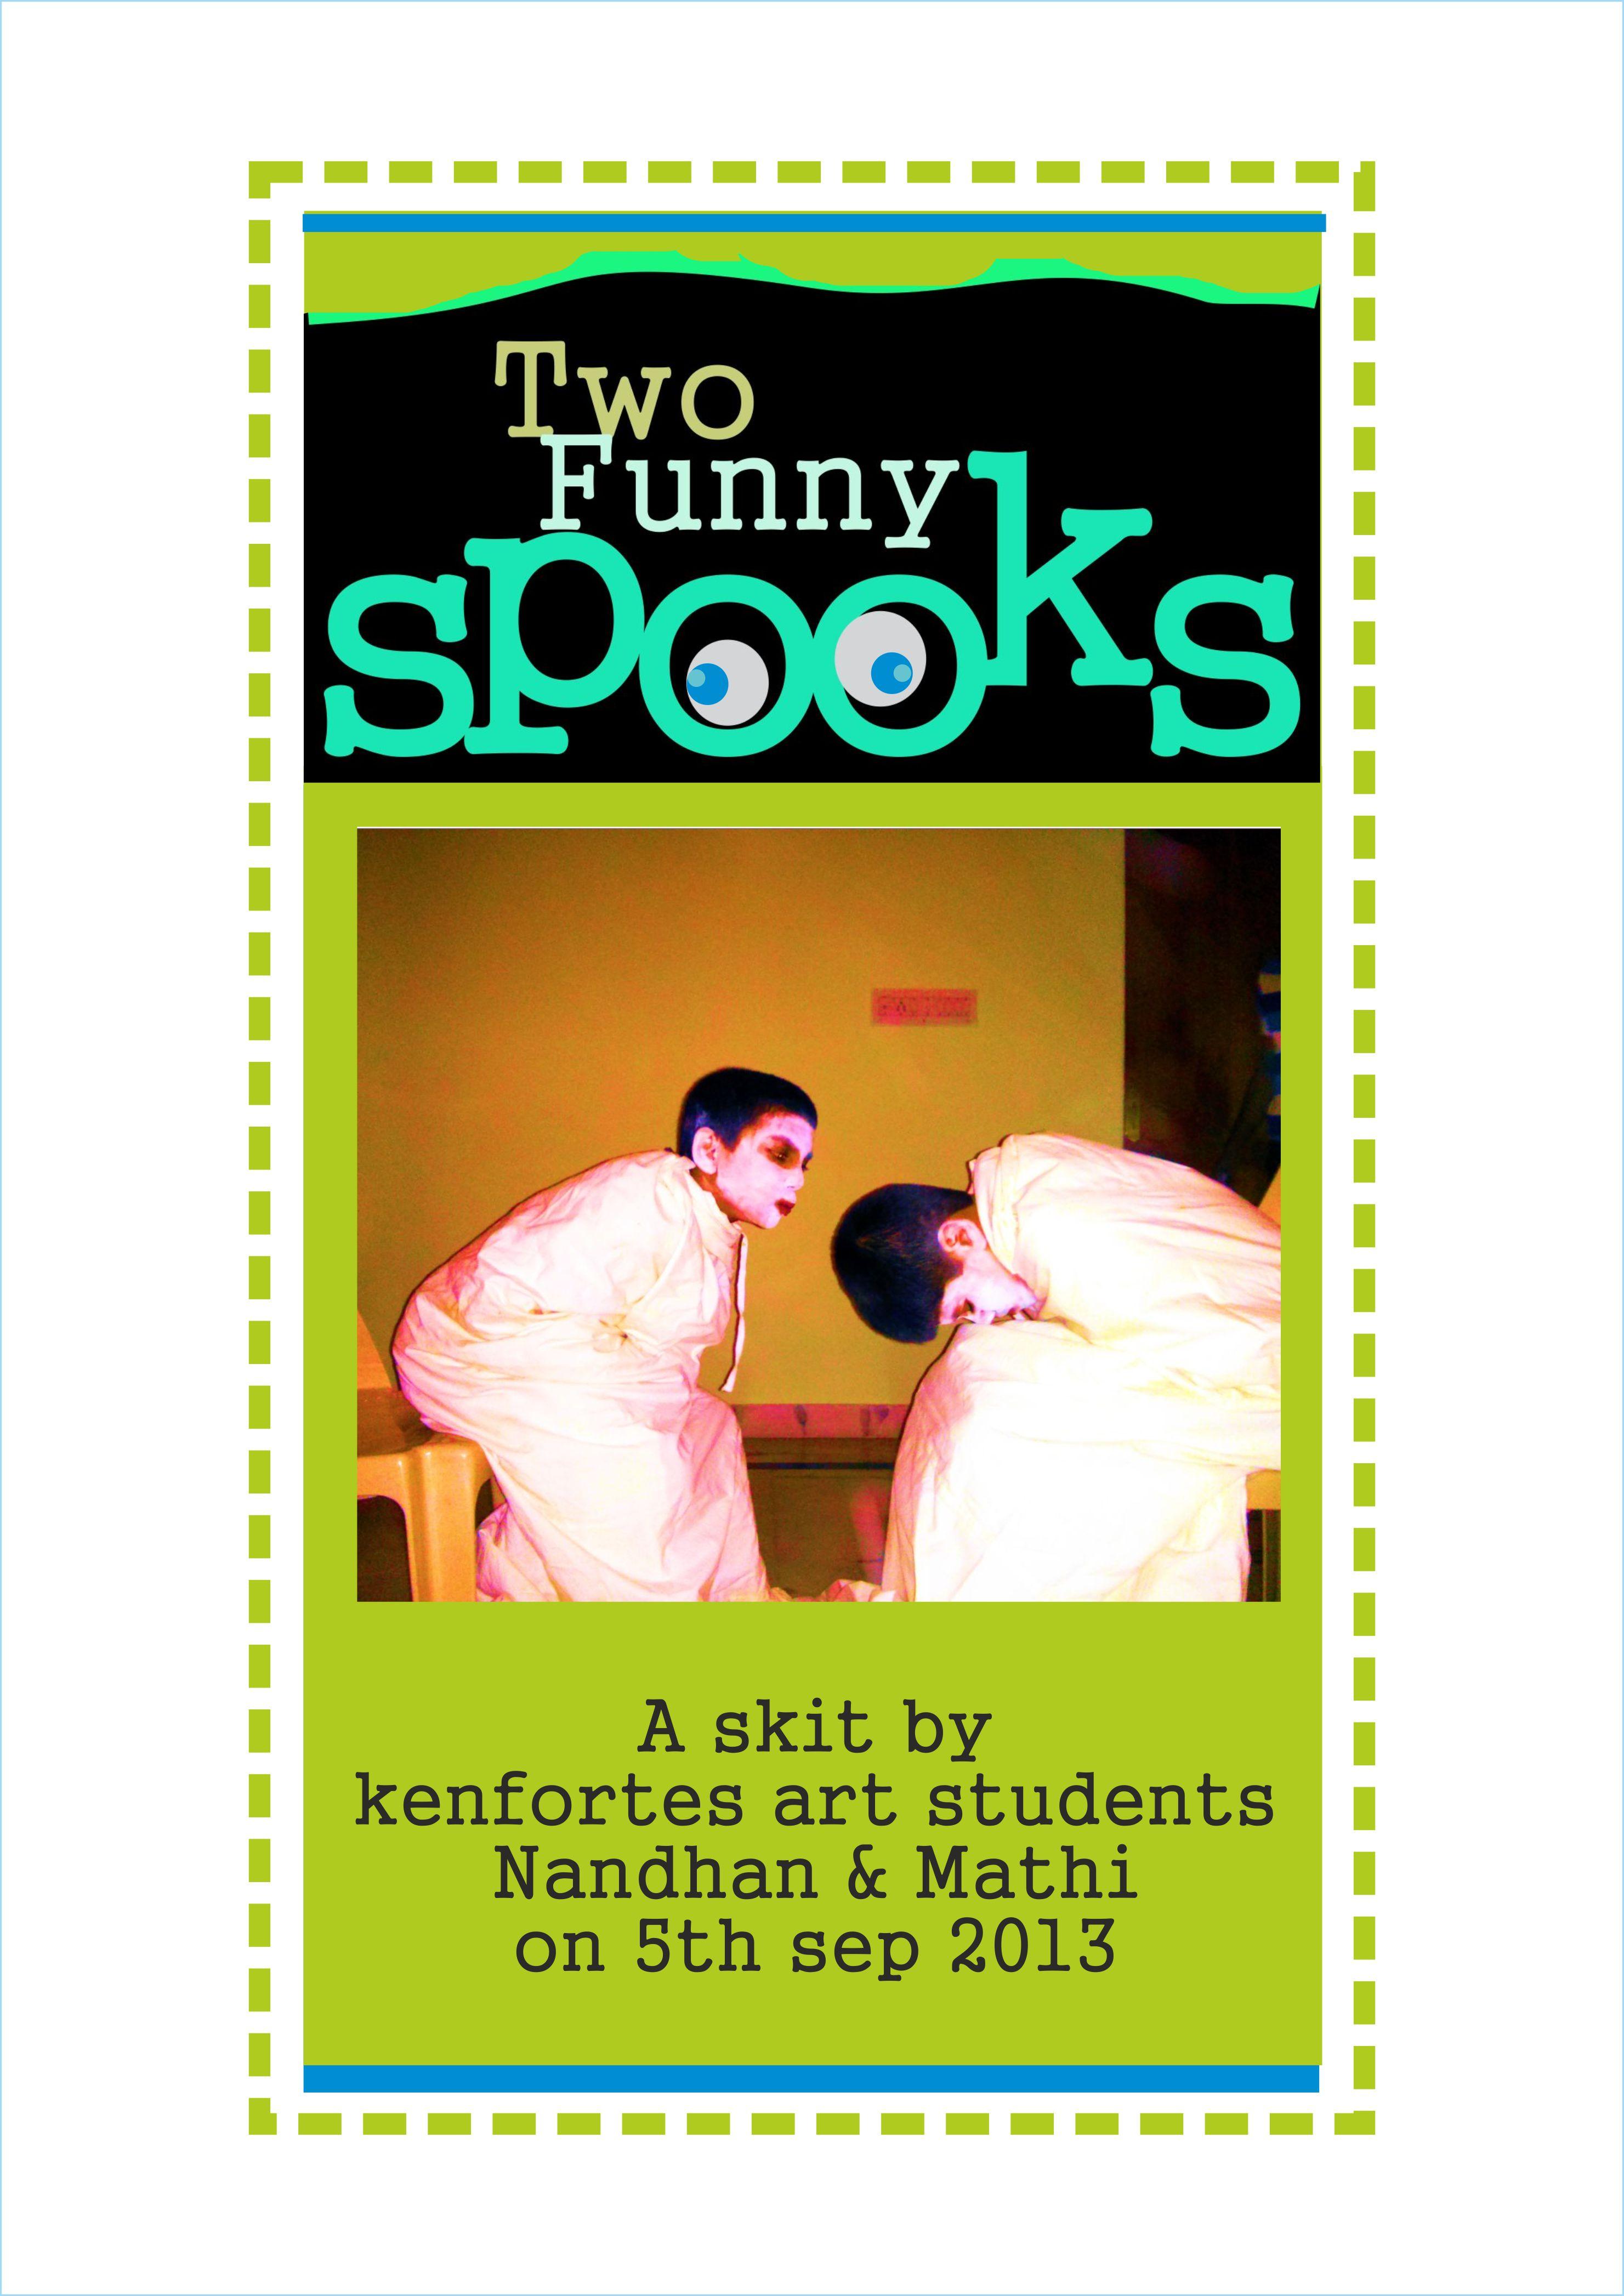 2 spooks drama BTM art class - drama by kenfortes